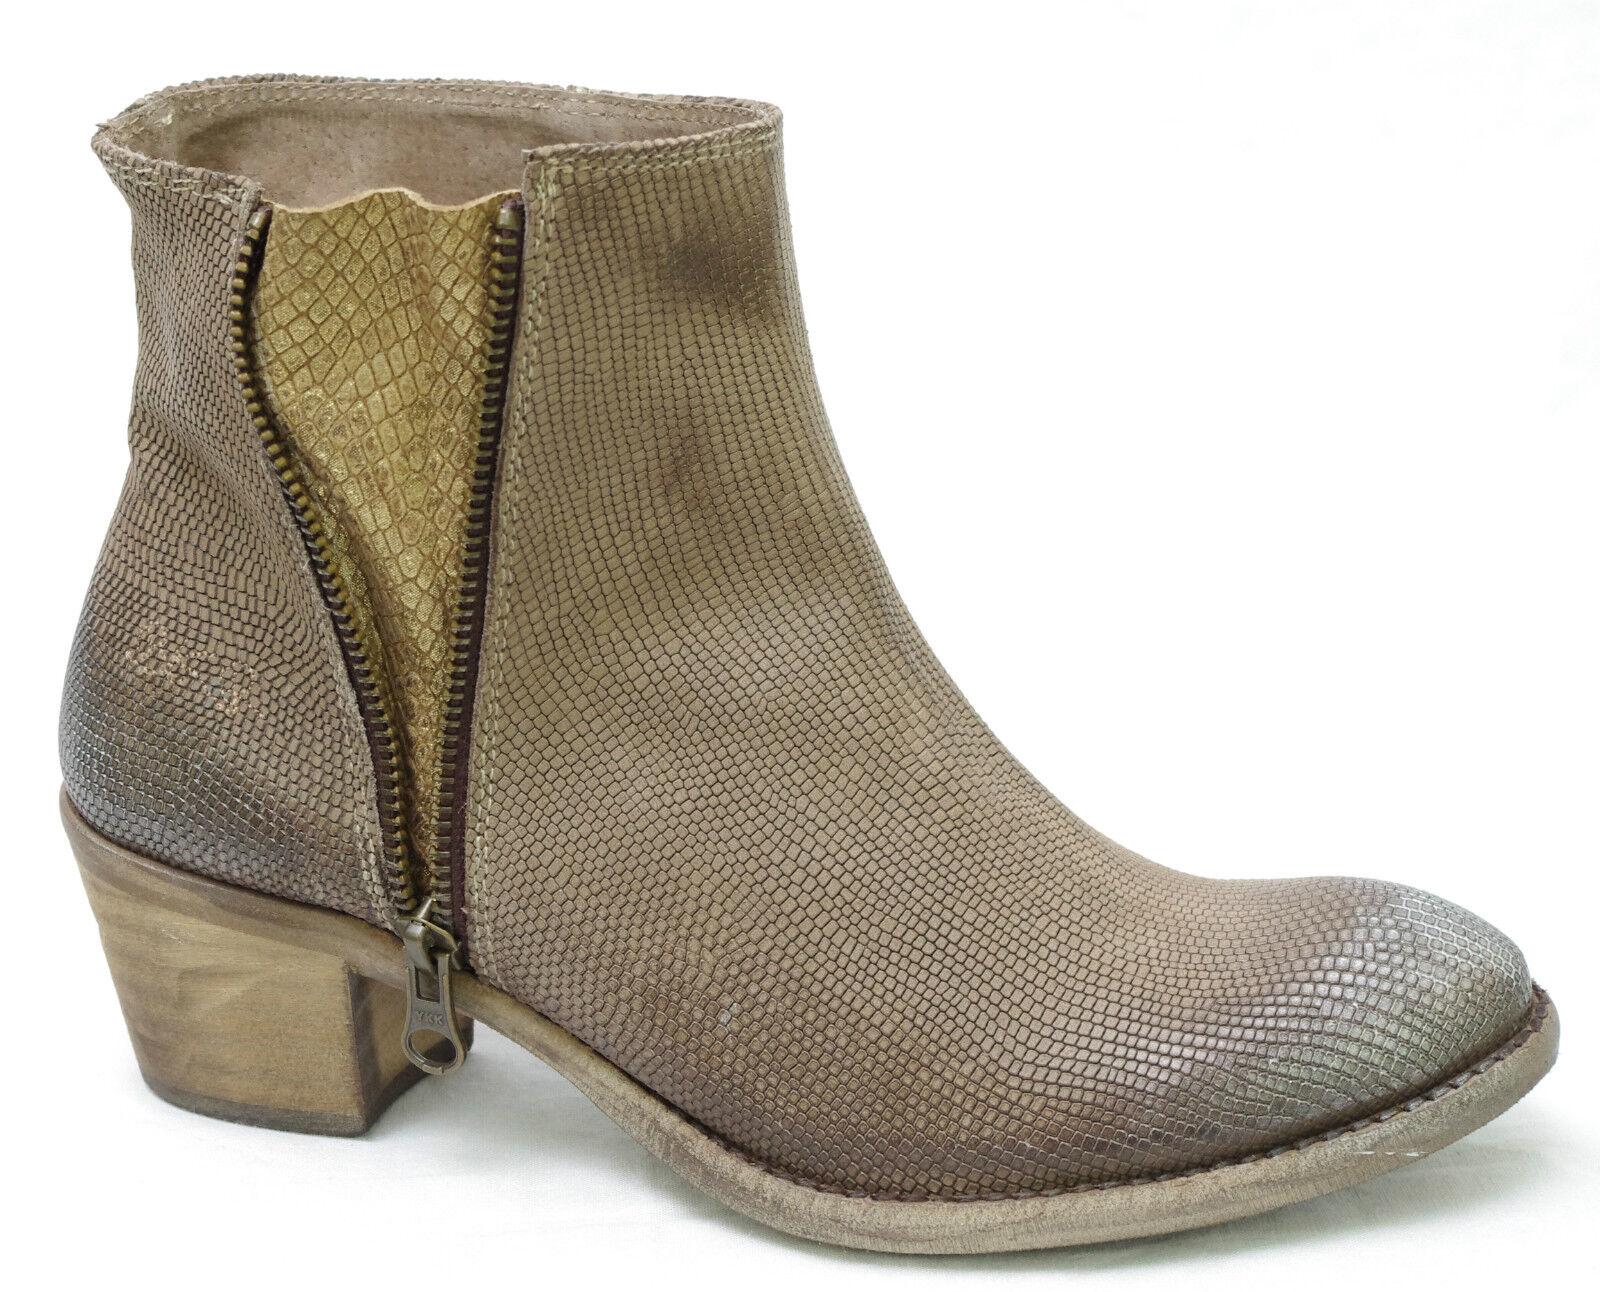 Scarpe  di Bunker stivali di caviglia pelle beige scuro donna tabacco geko  incentivi promozionali